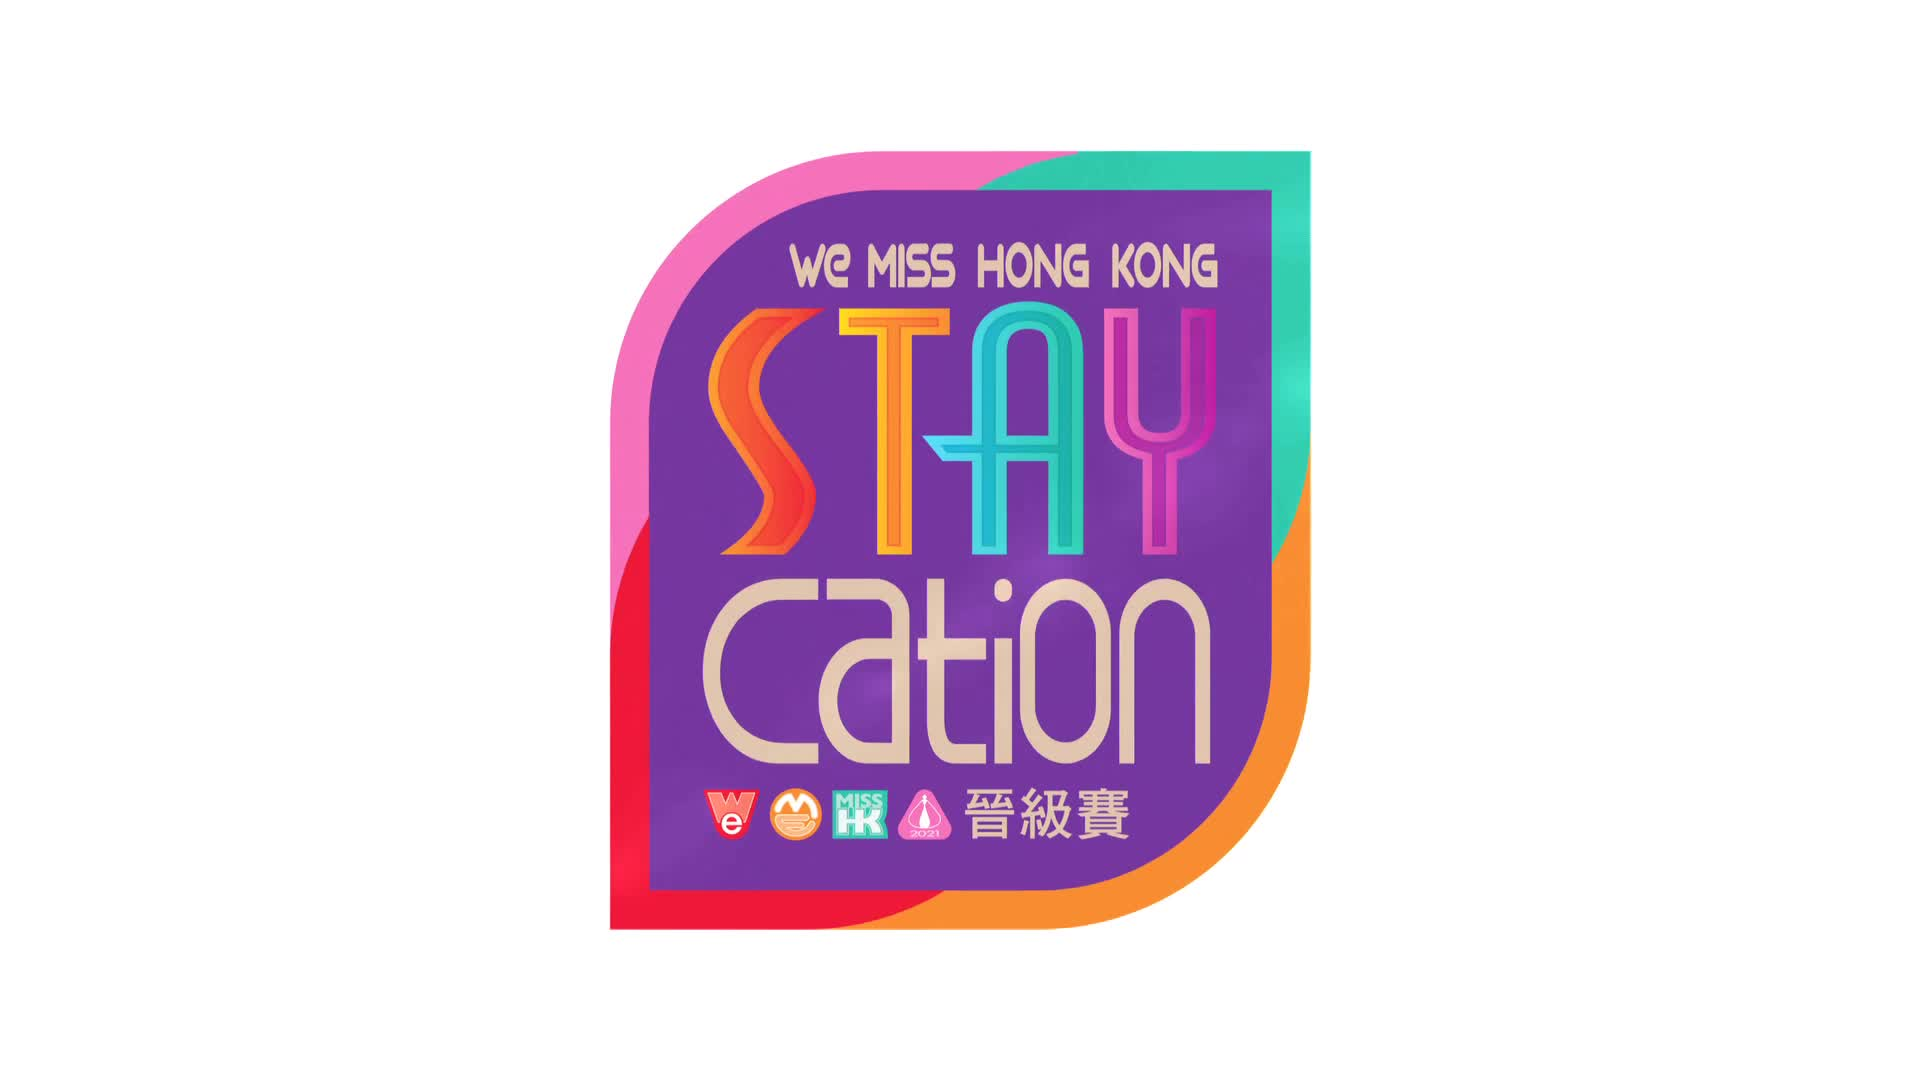 【2021香港小姐競選】令佳麗們眼睛發光嘅房間設備